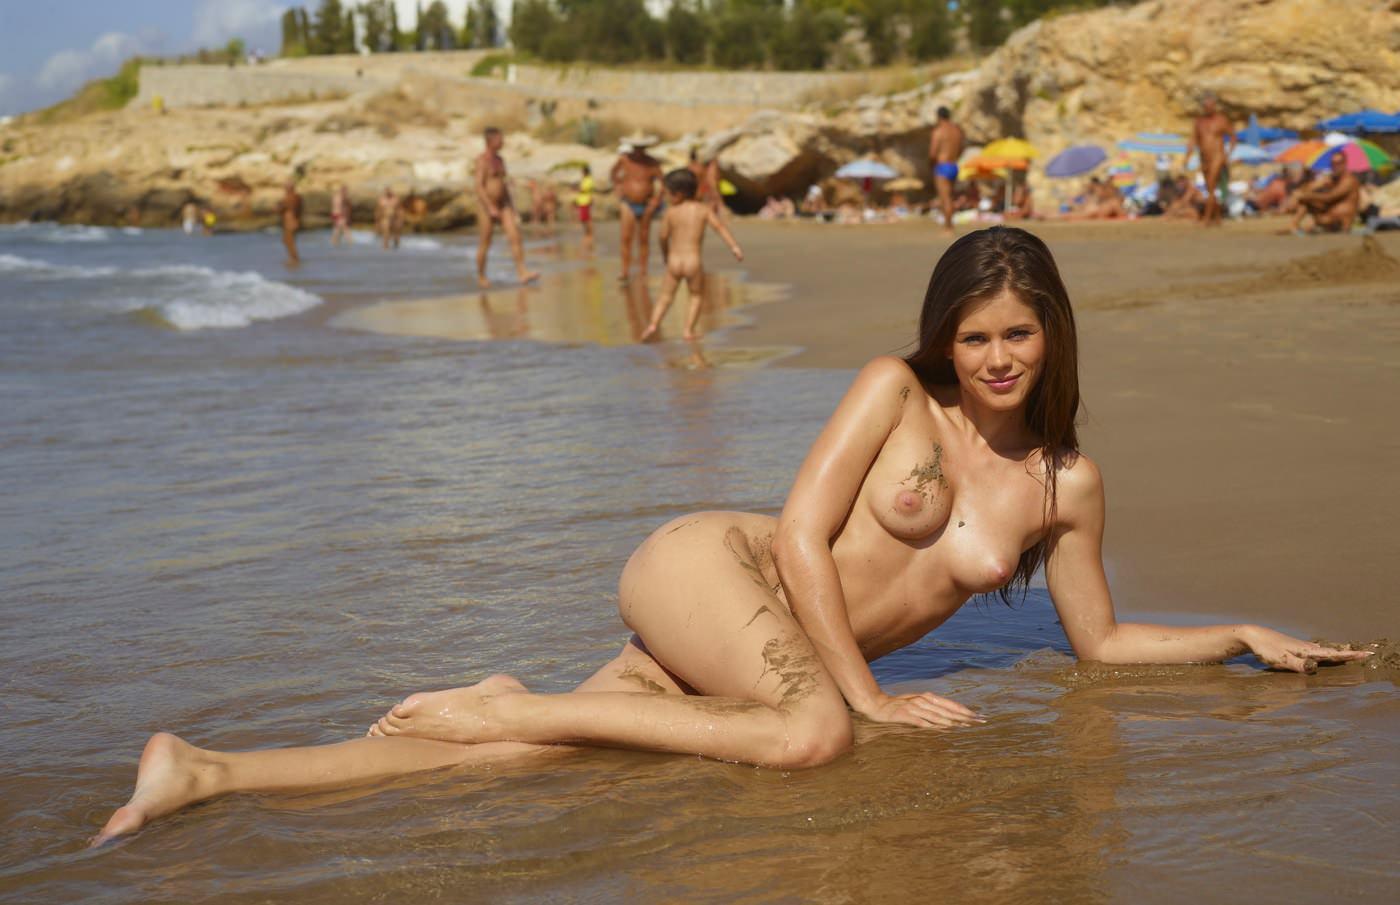 Фото голая беременная девушка на нудистком пляже 18 фотография